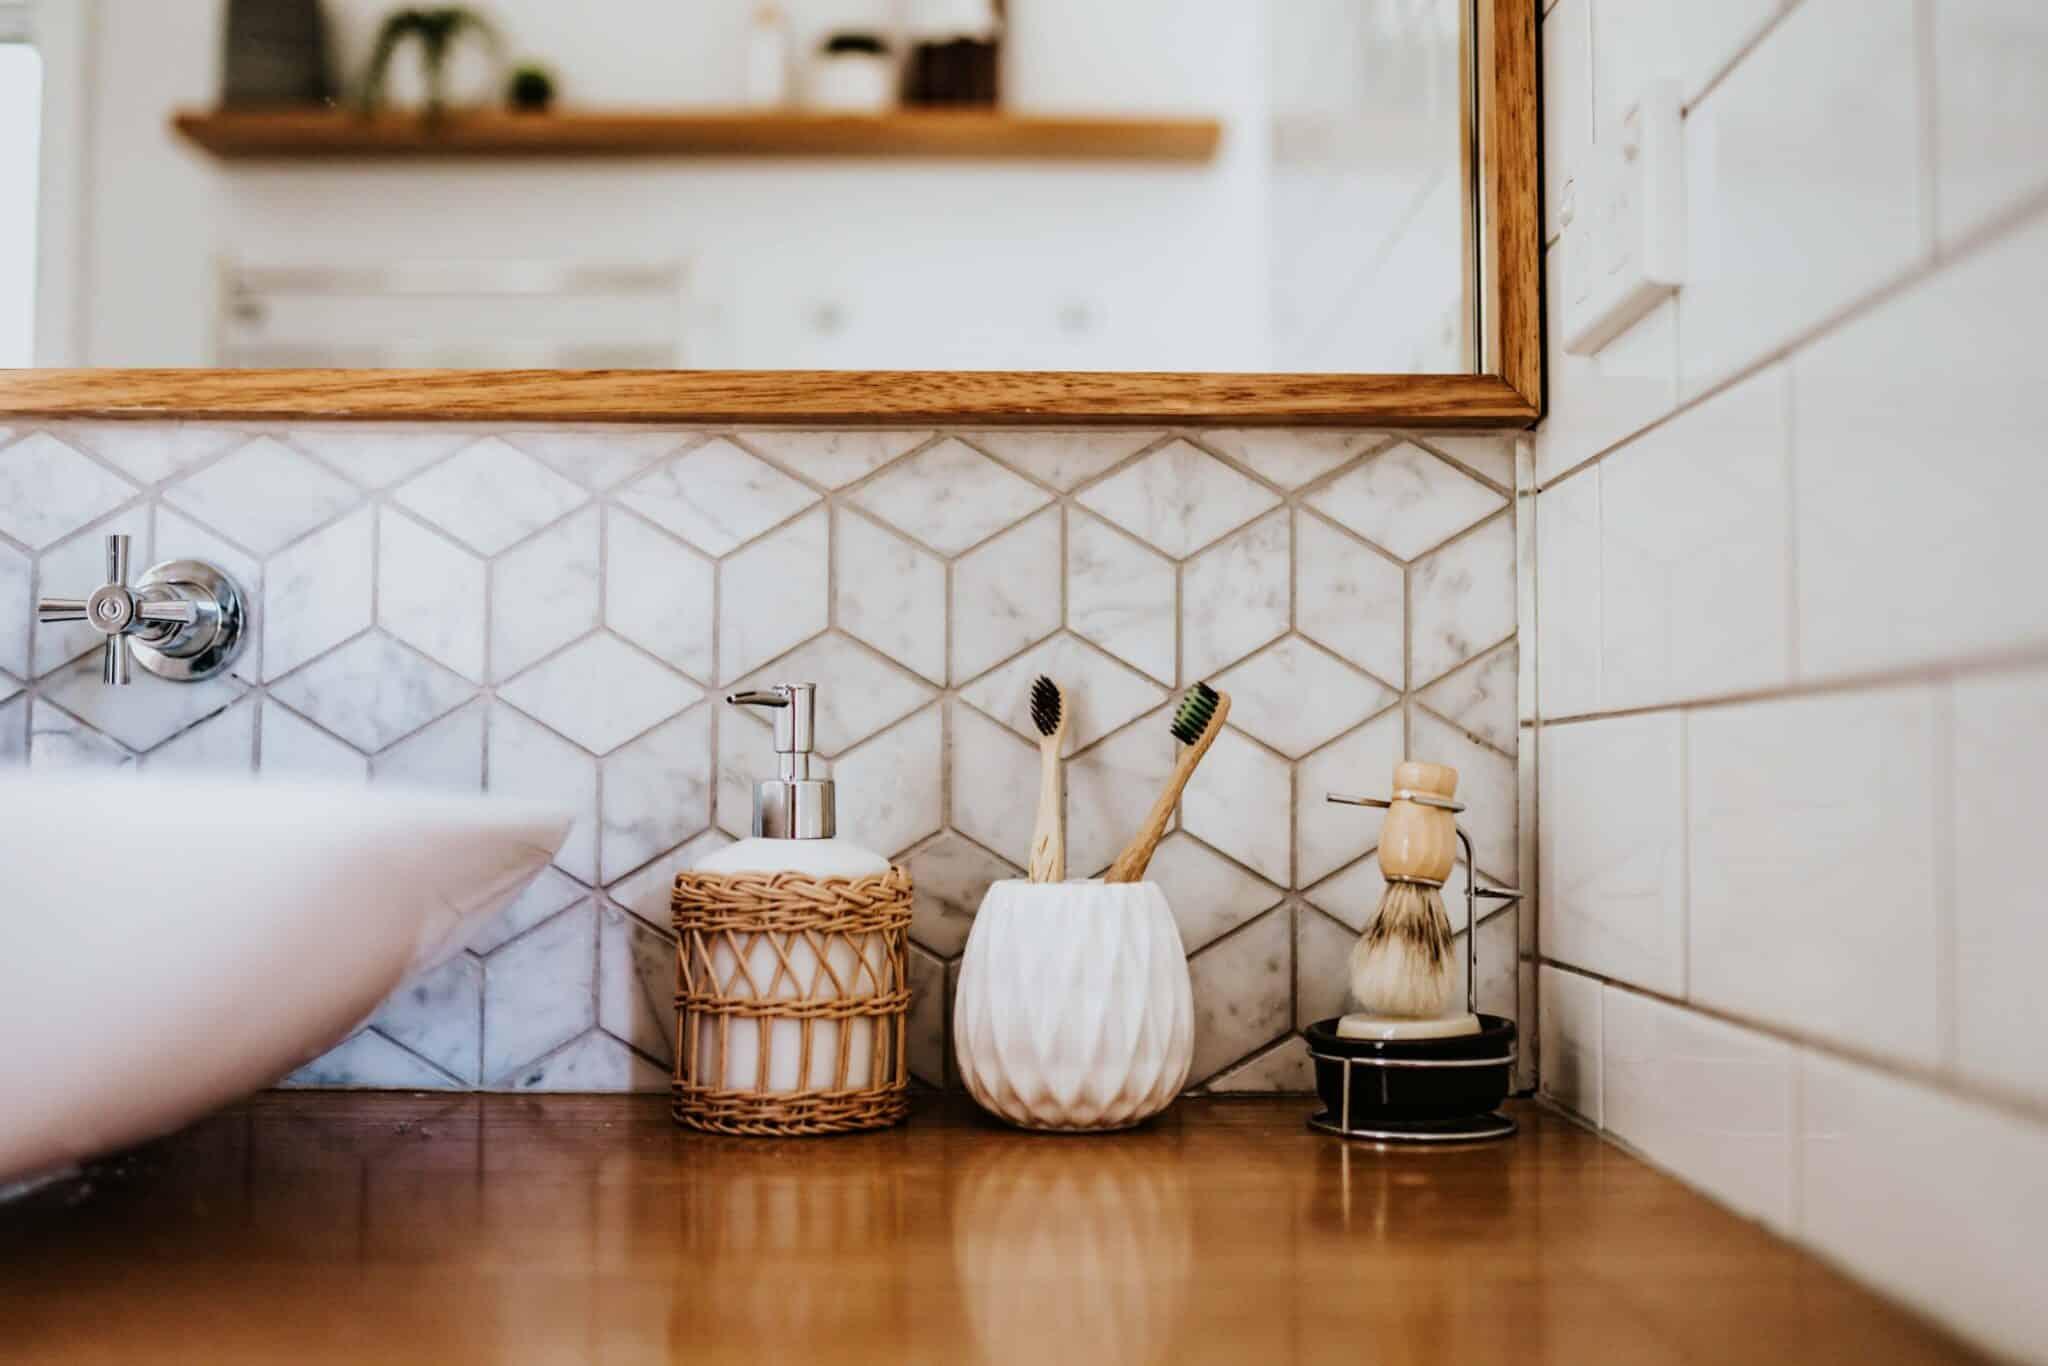 Locspec Building Oak Flats Renovation - bathroom counter